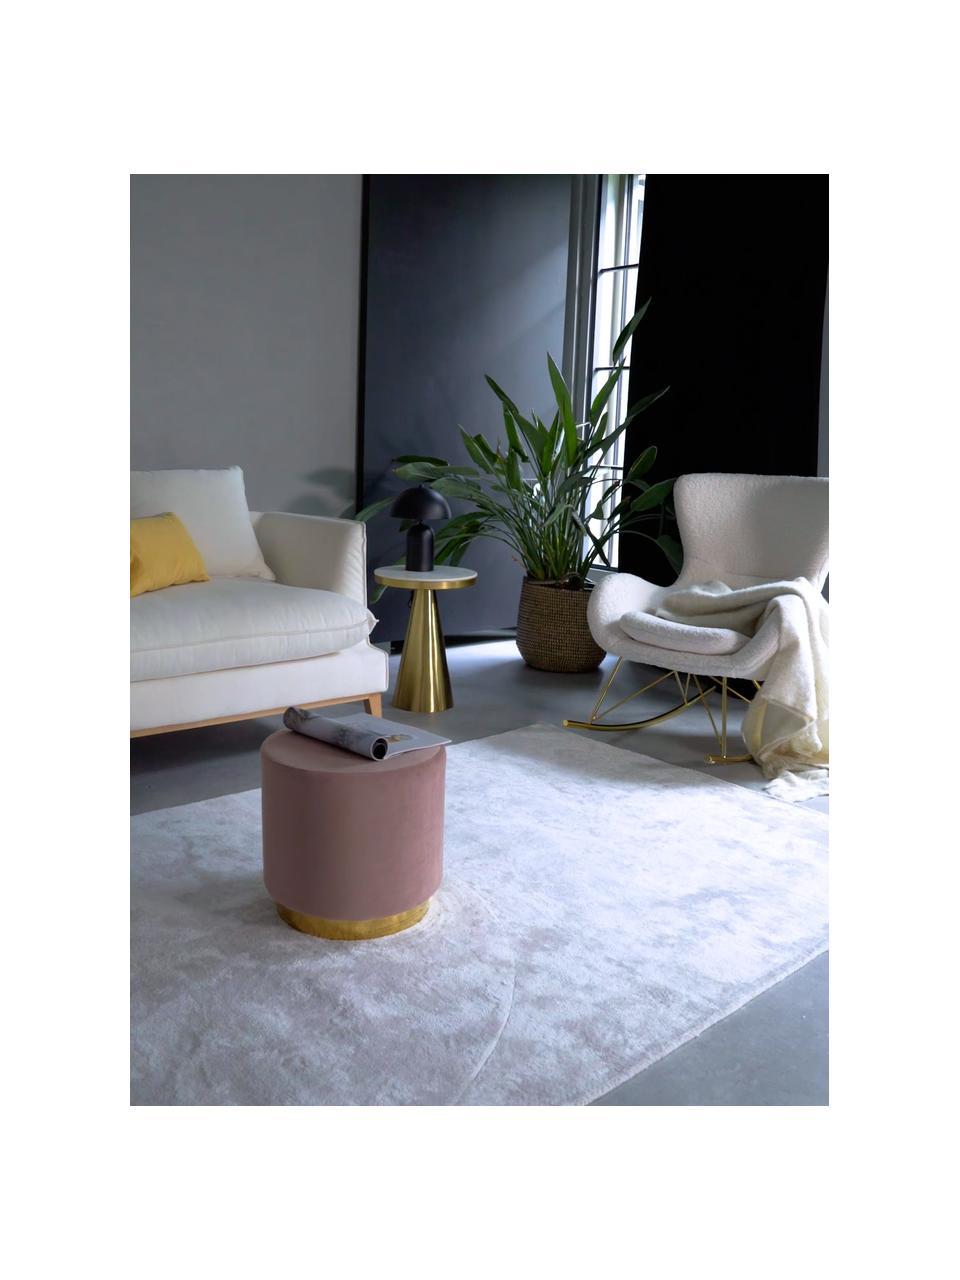 Samt-Hocker Orchid in Rosa, Bezug: Samt (100% Polyester) Der, Rahmen: Pappe, Sperrholz, Samt Rosa, Ø 38 x H 38 cm